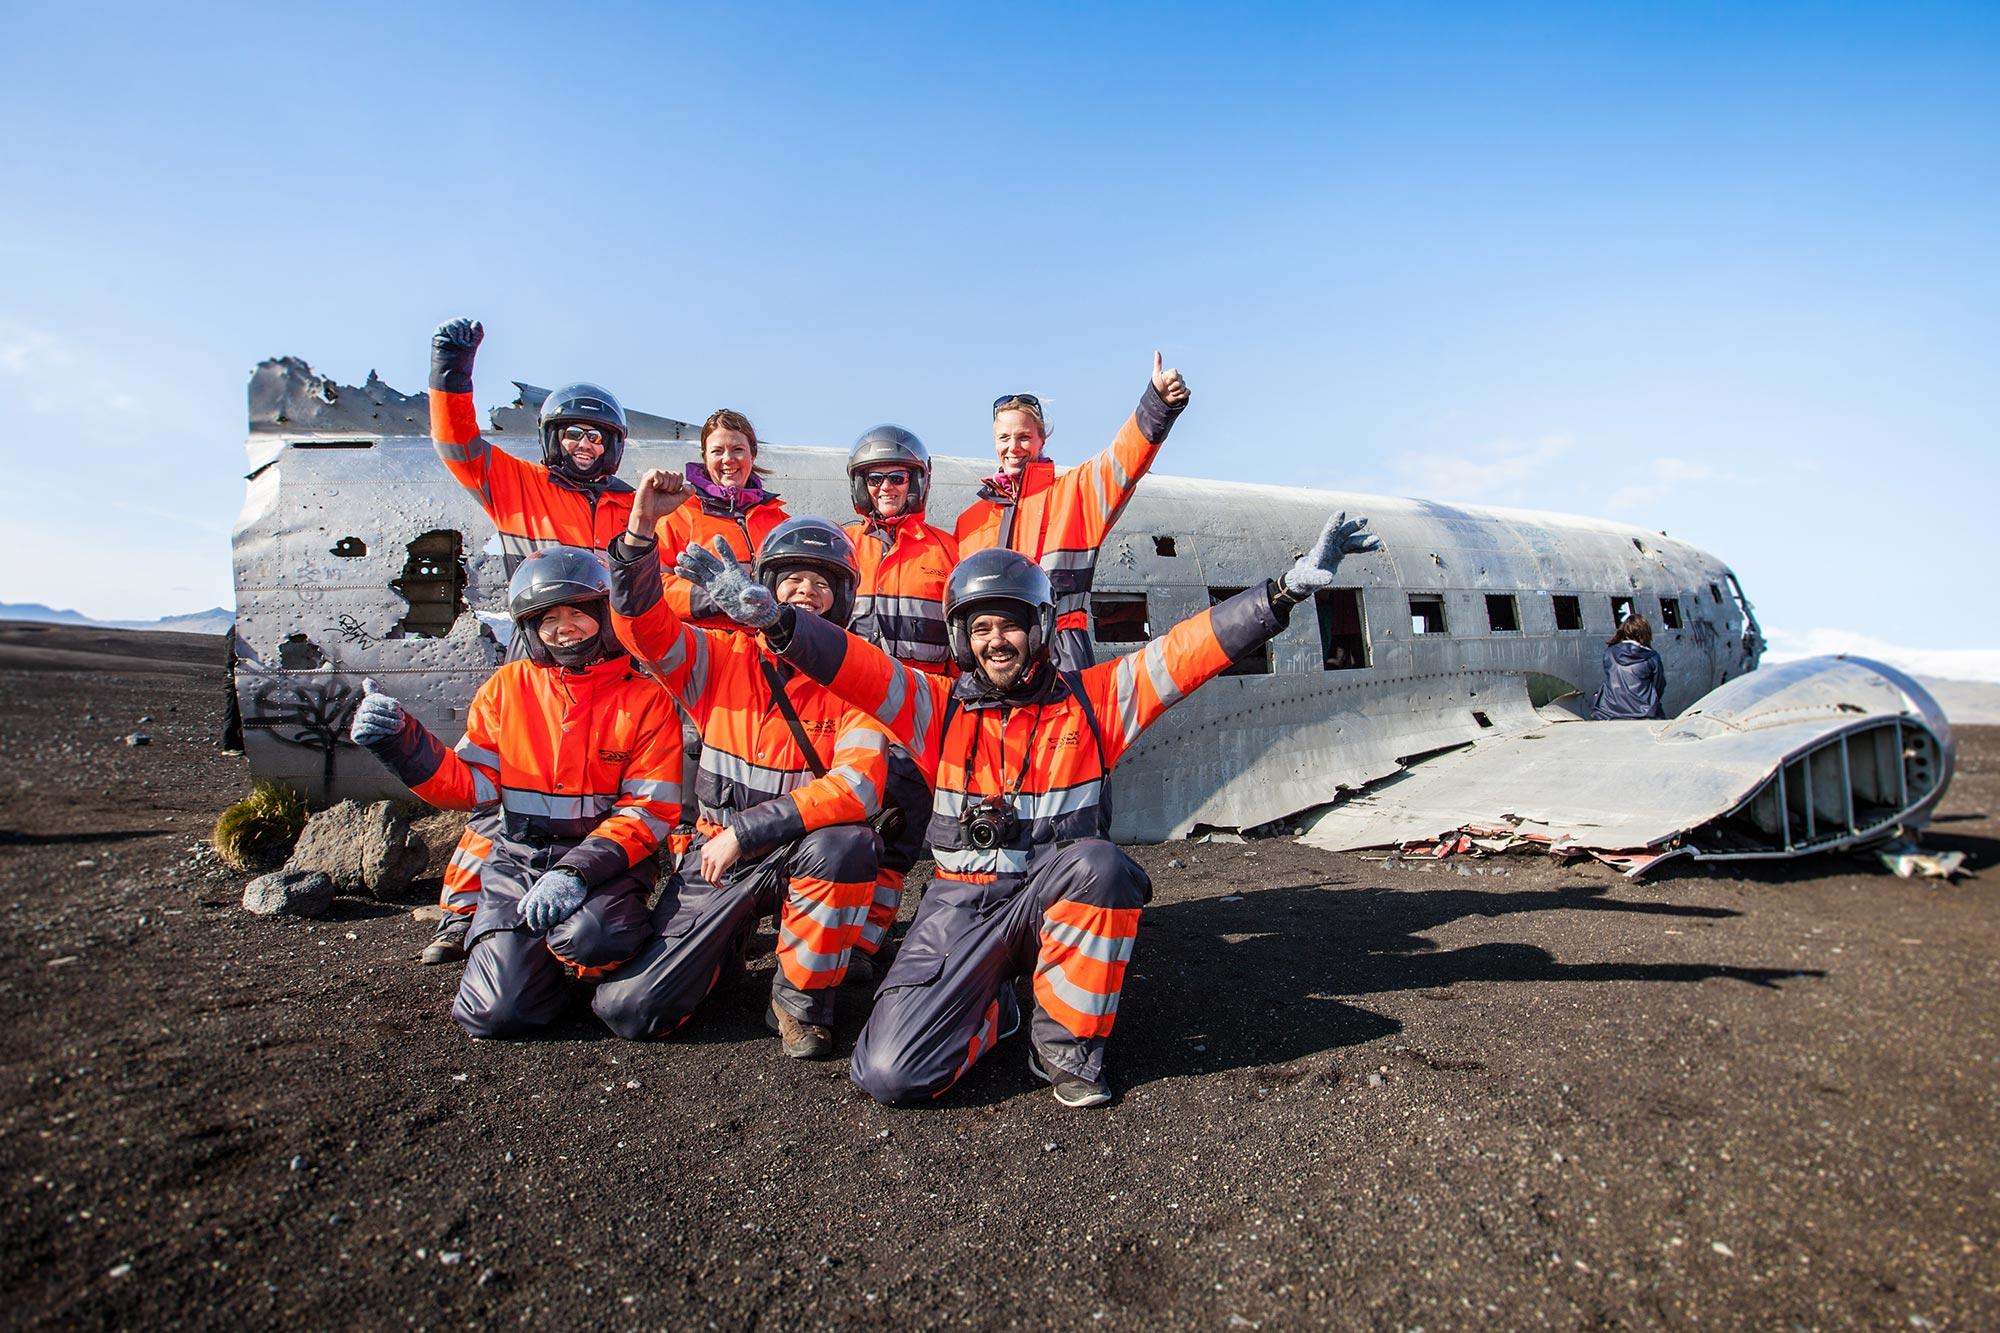 Visitez l'épave de l'avion DC sur la côte sud de l'Islande lors de cette visite palpitante.